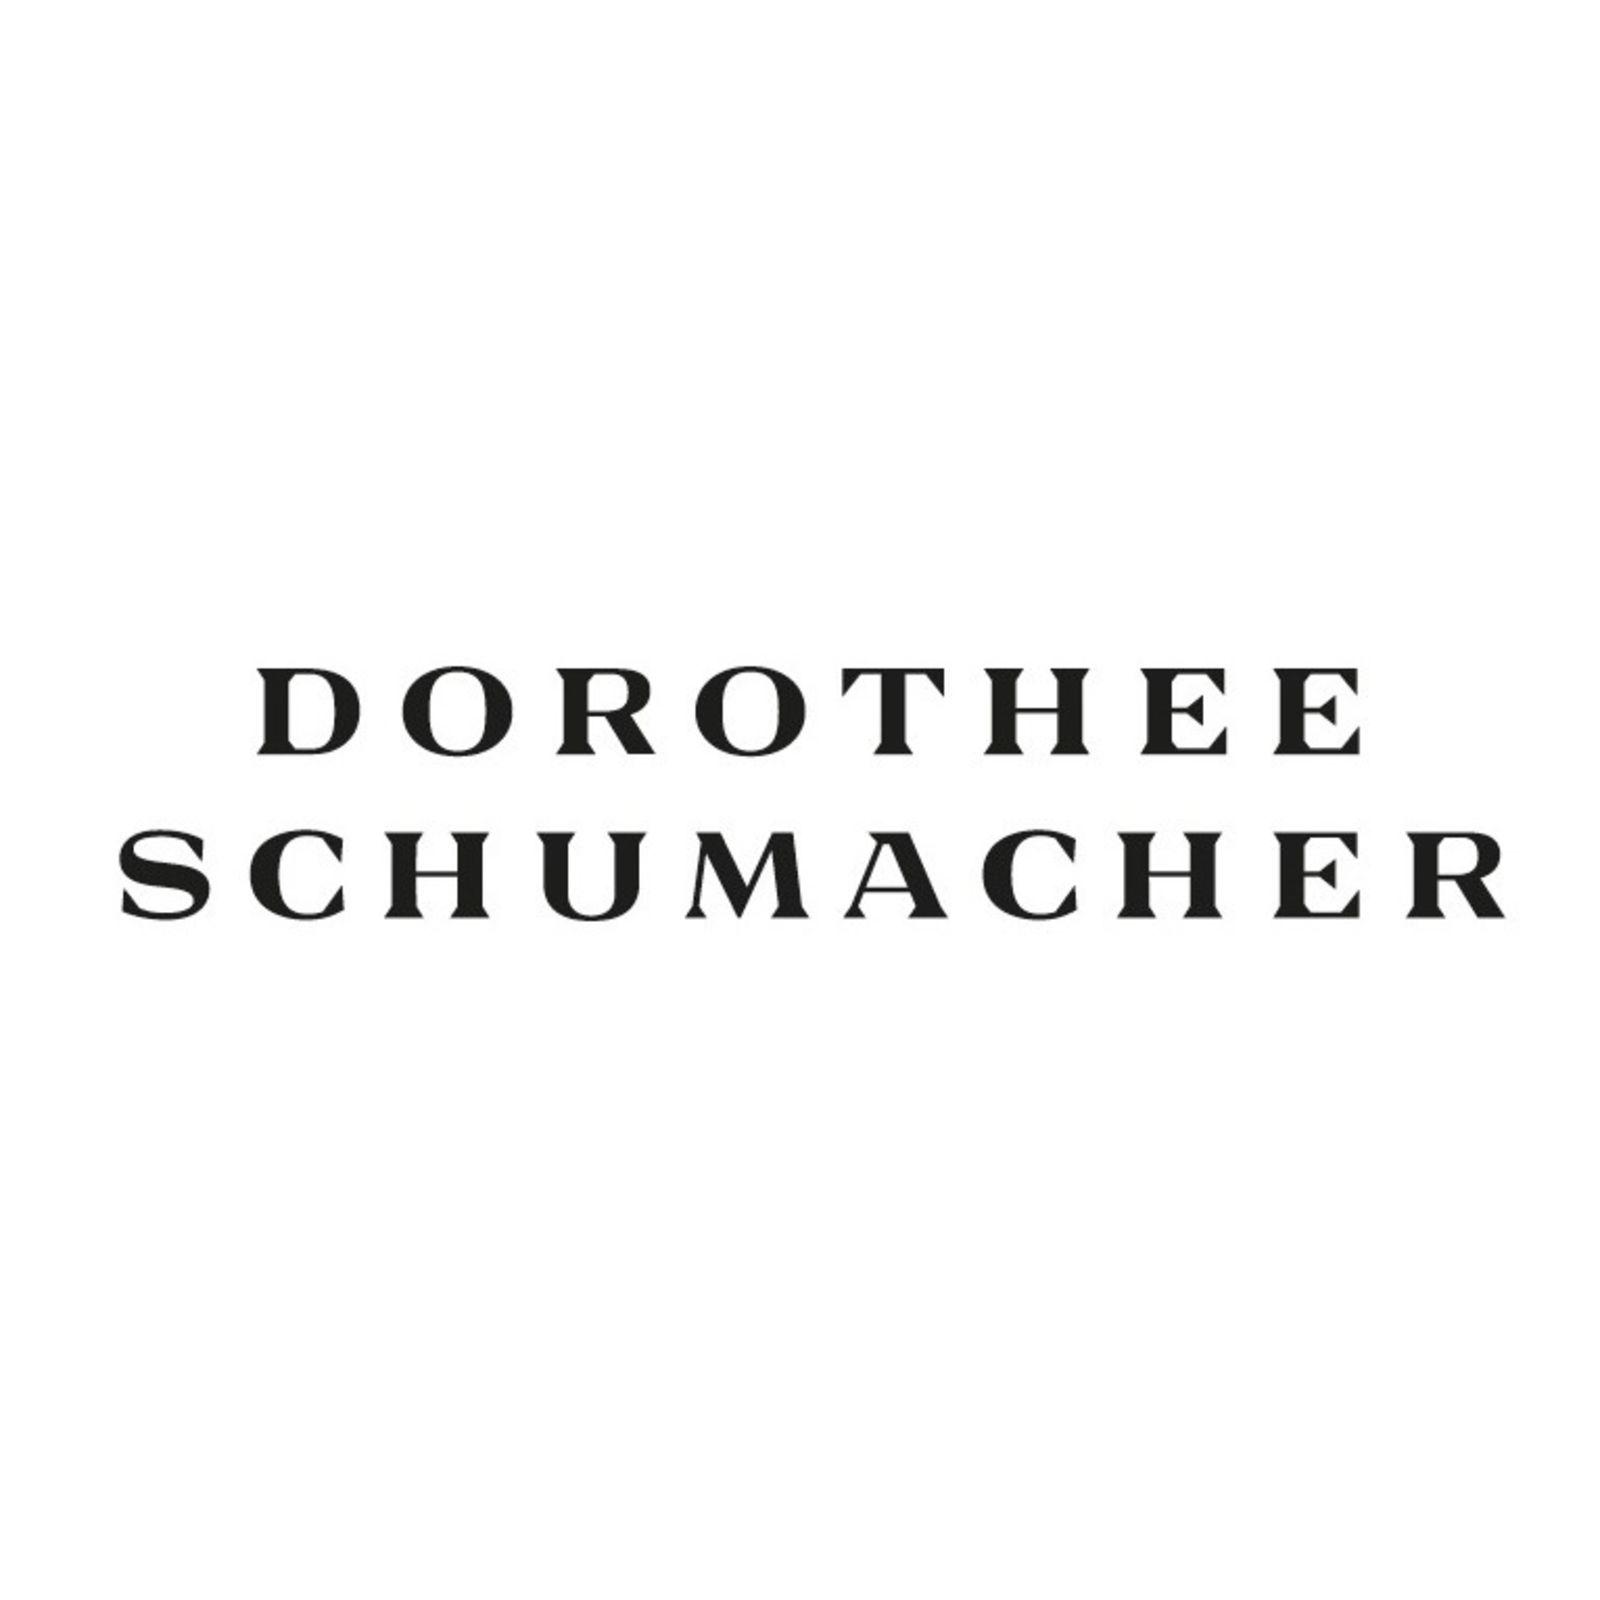 DOROTHEE SCHUMACHER (Bild 1)